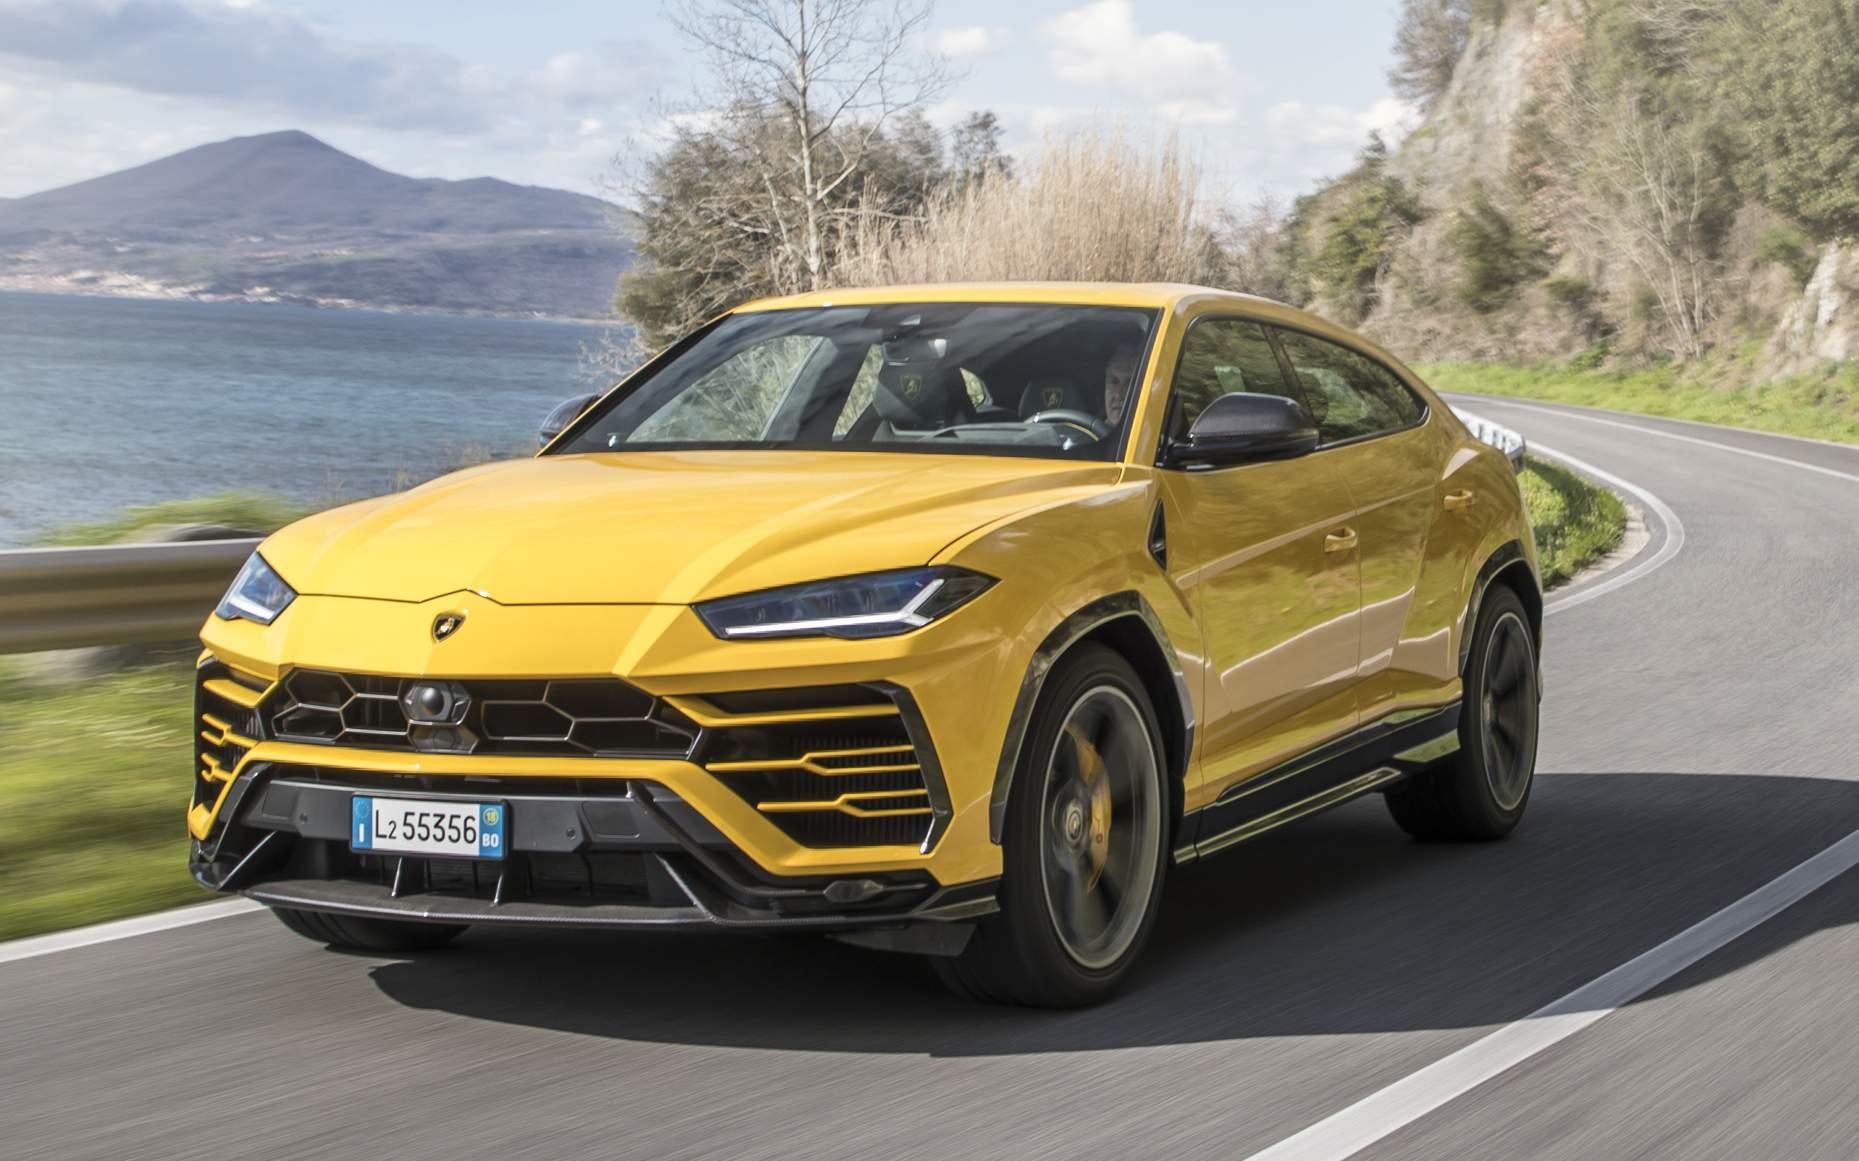 Lamborghini Urus SUV 2022 - Amarelo